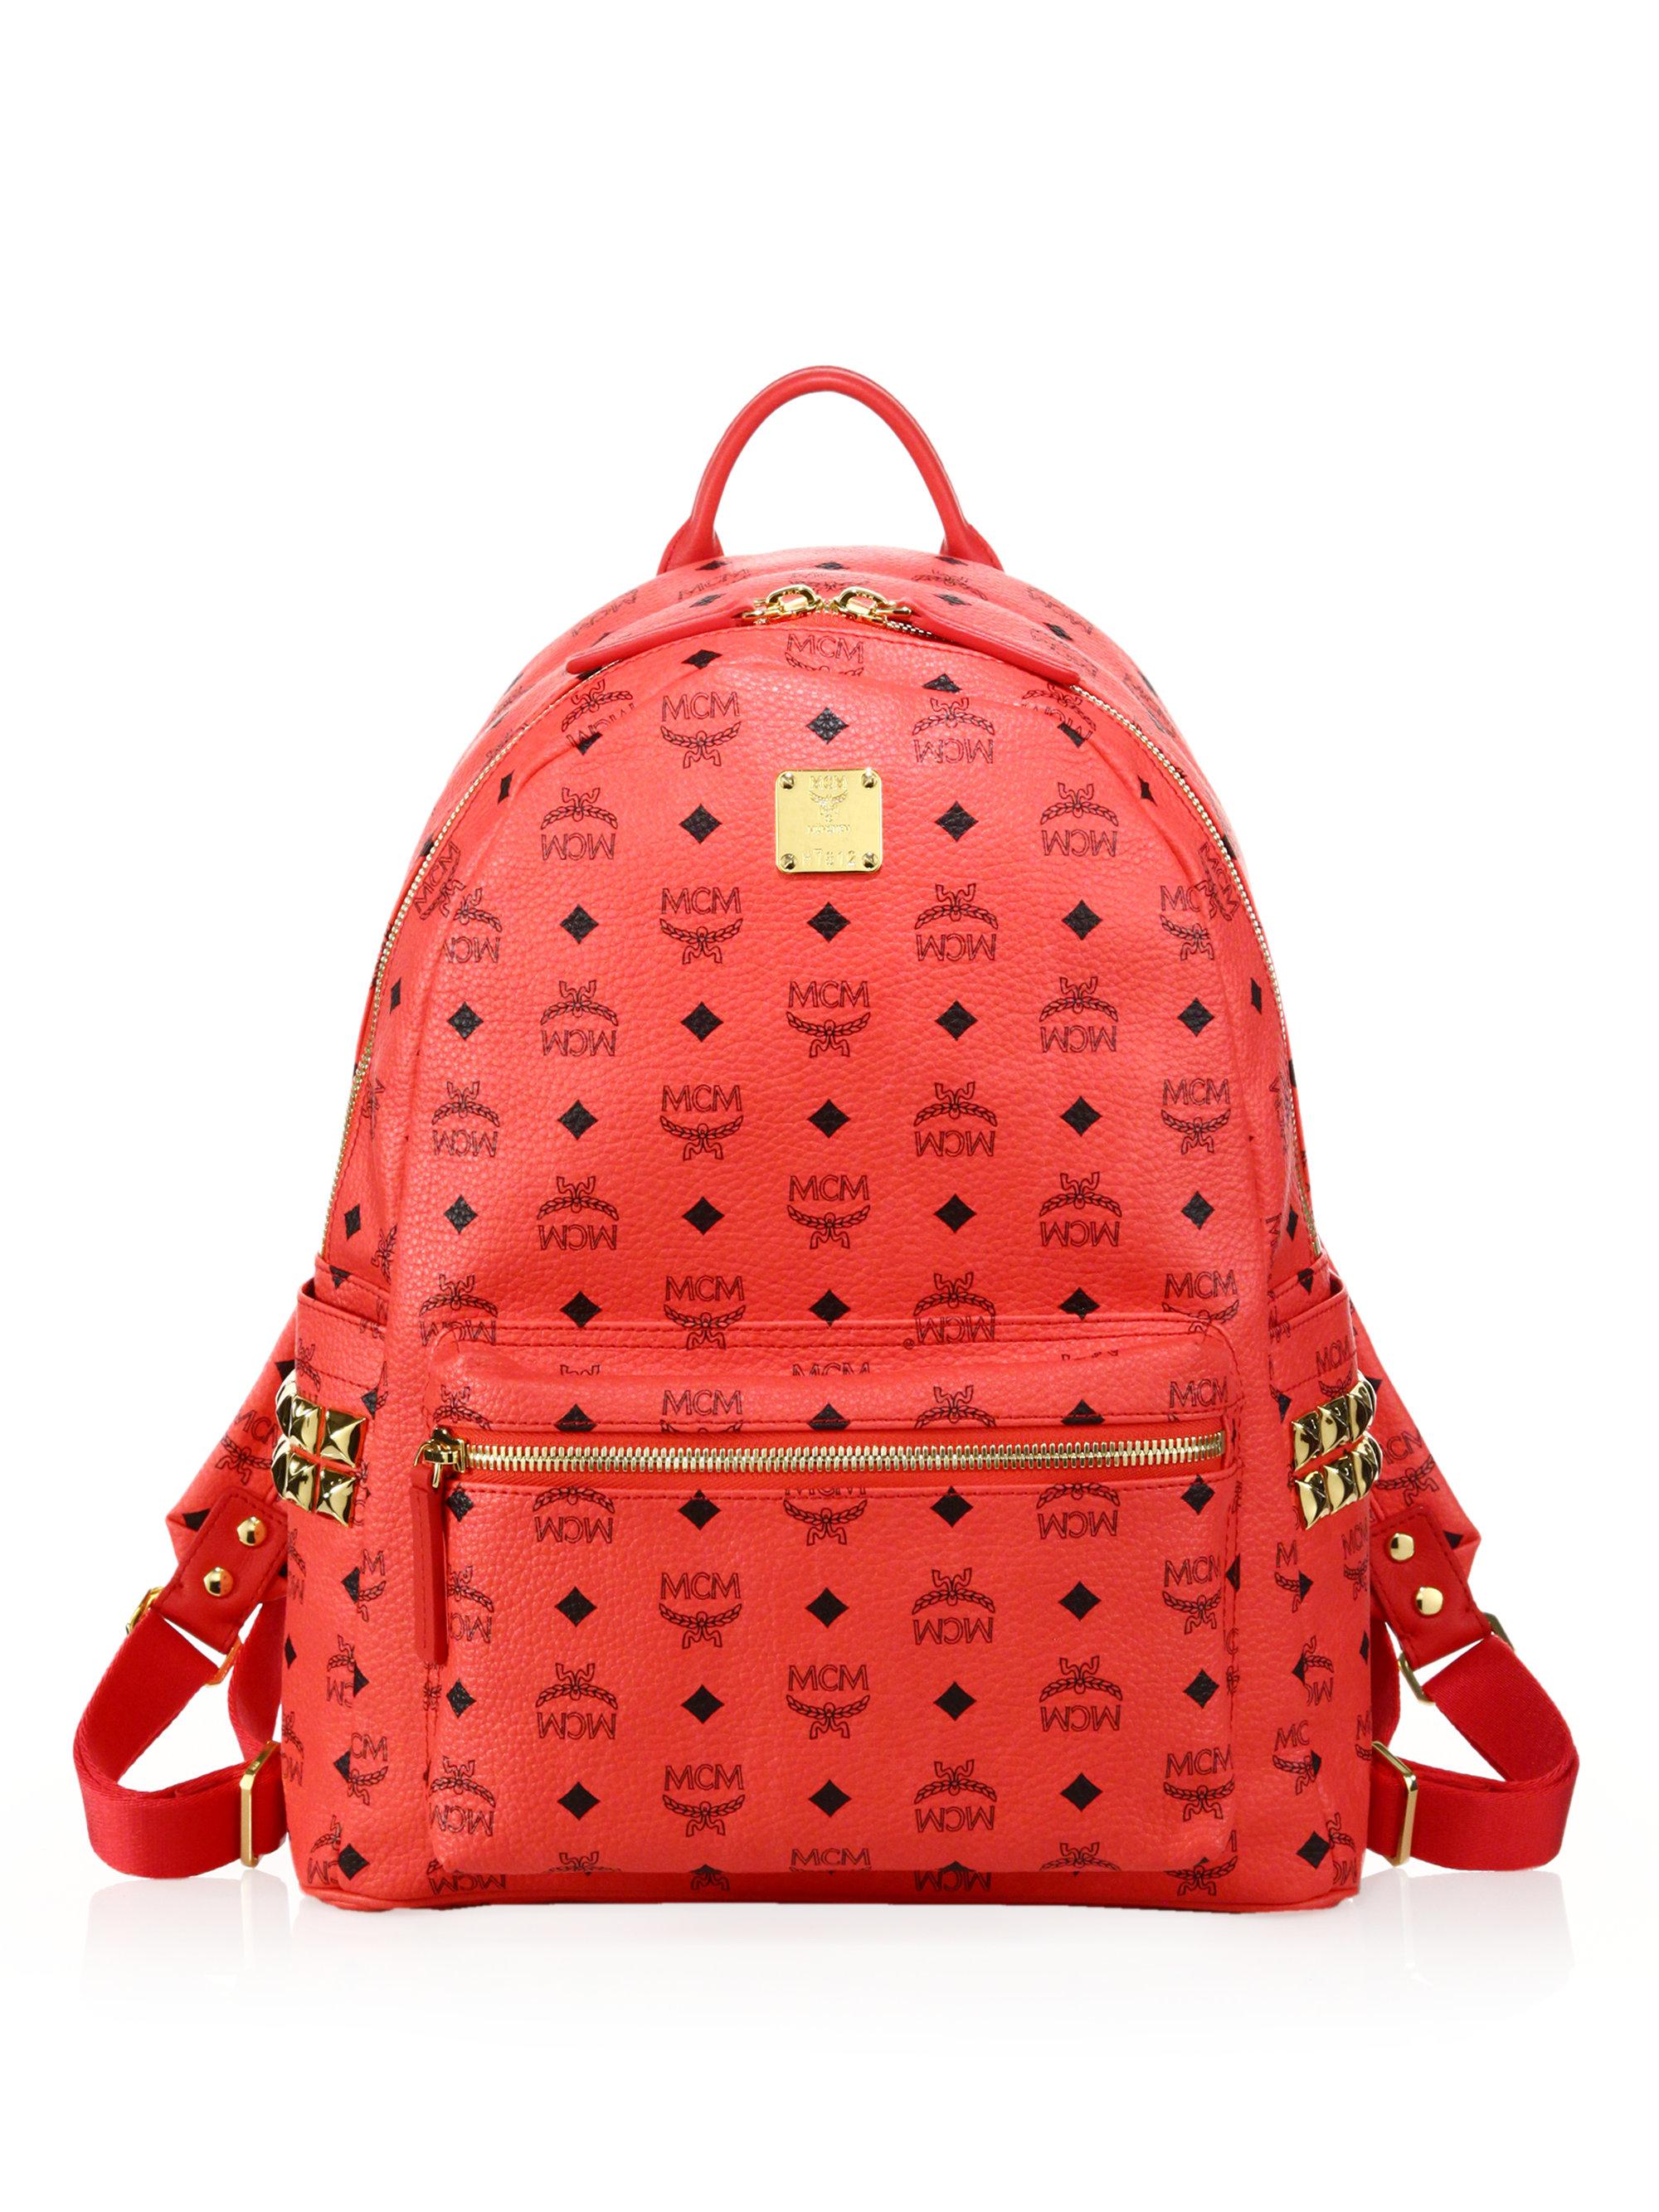 mcm stark side studded coated canvas monogram backpack in red for men lyst. Black Bedroom Furniture Sets. Home Design Ideas